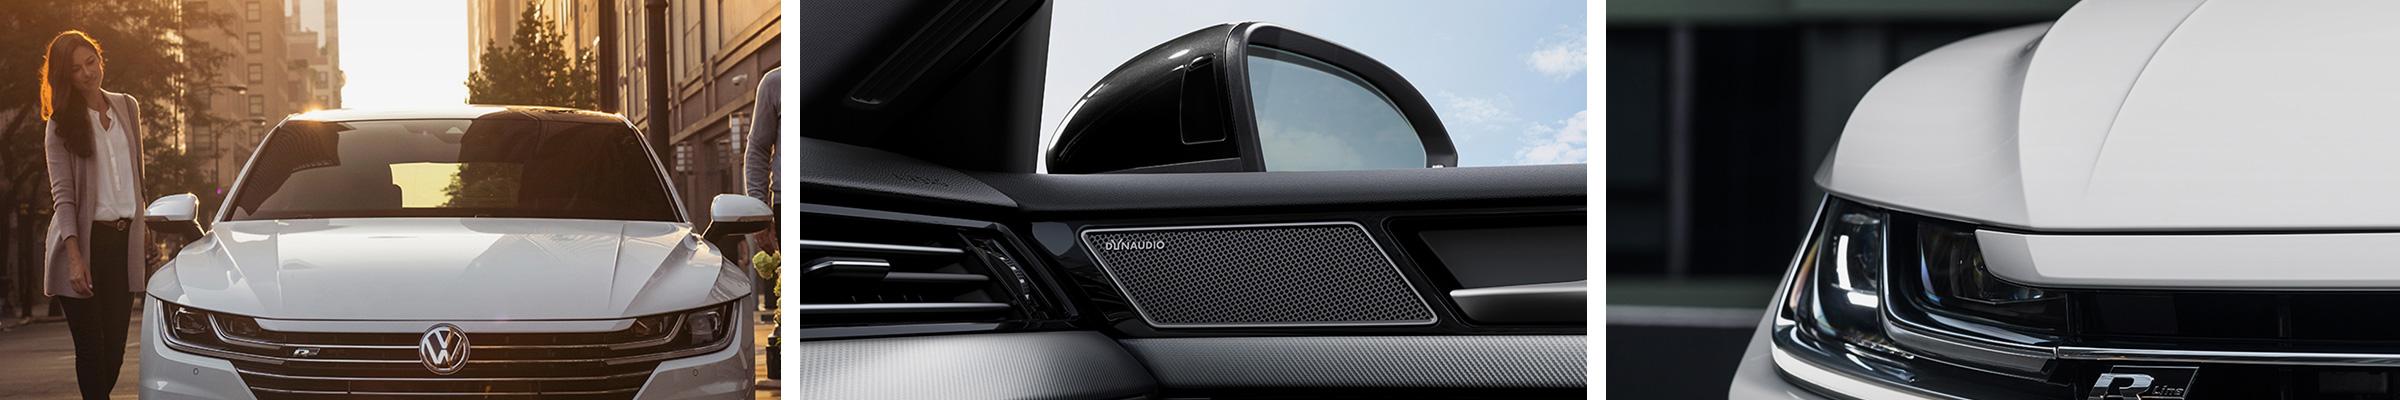 2020 Volkswagen Arteon For Sale Amarillo TX | Lubbock